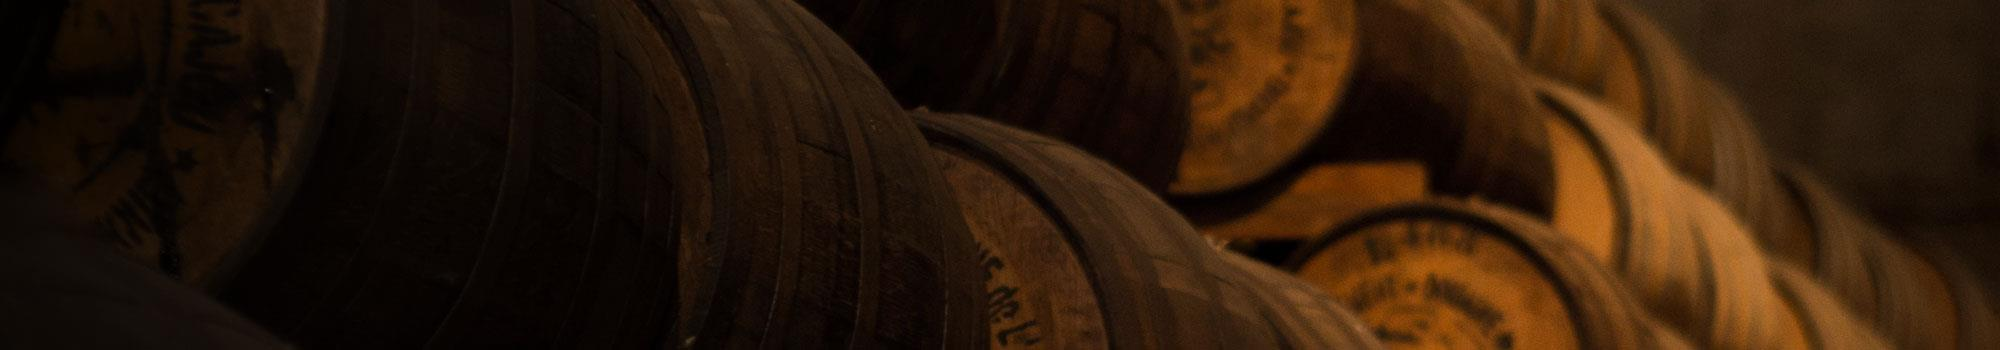 Irish Potstill Whiskey